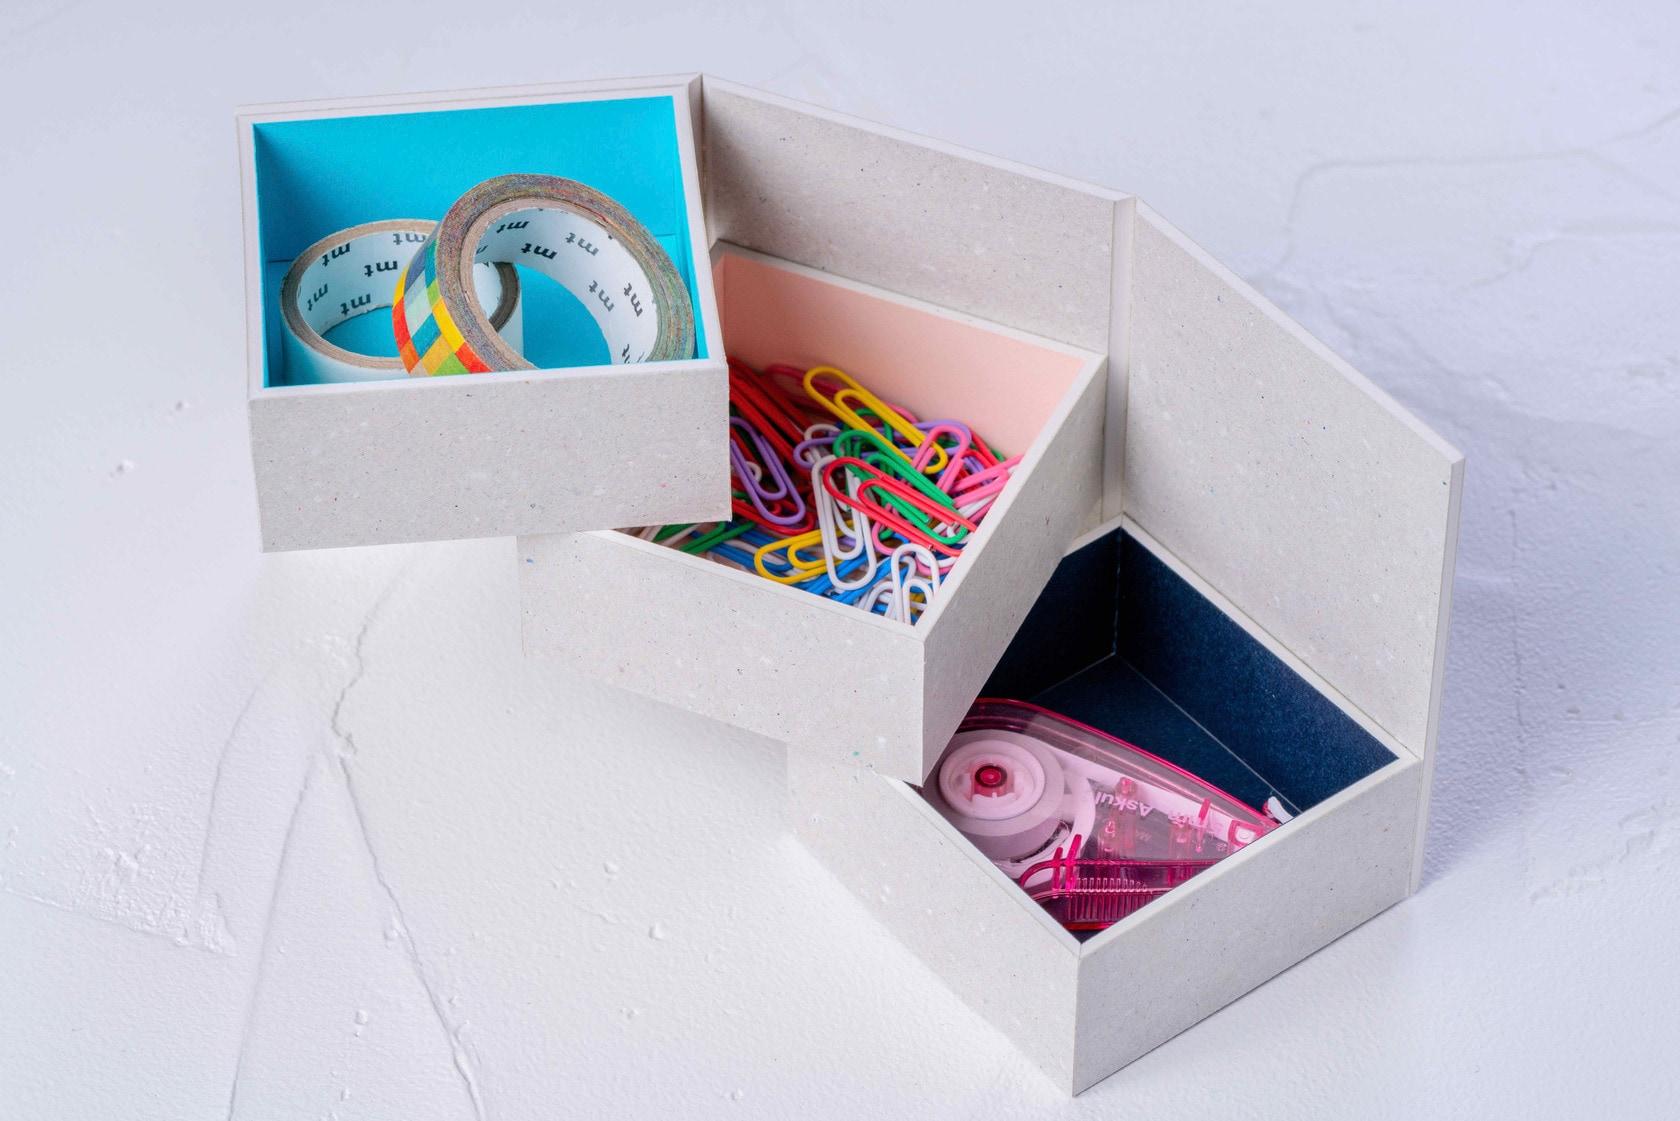 文房具や雑貨などの小物を収納できるモリタのグレーの紙箱,ミニマムスペース